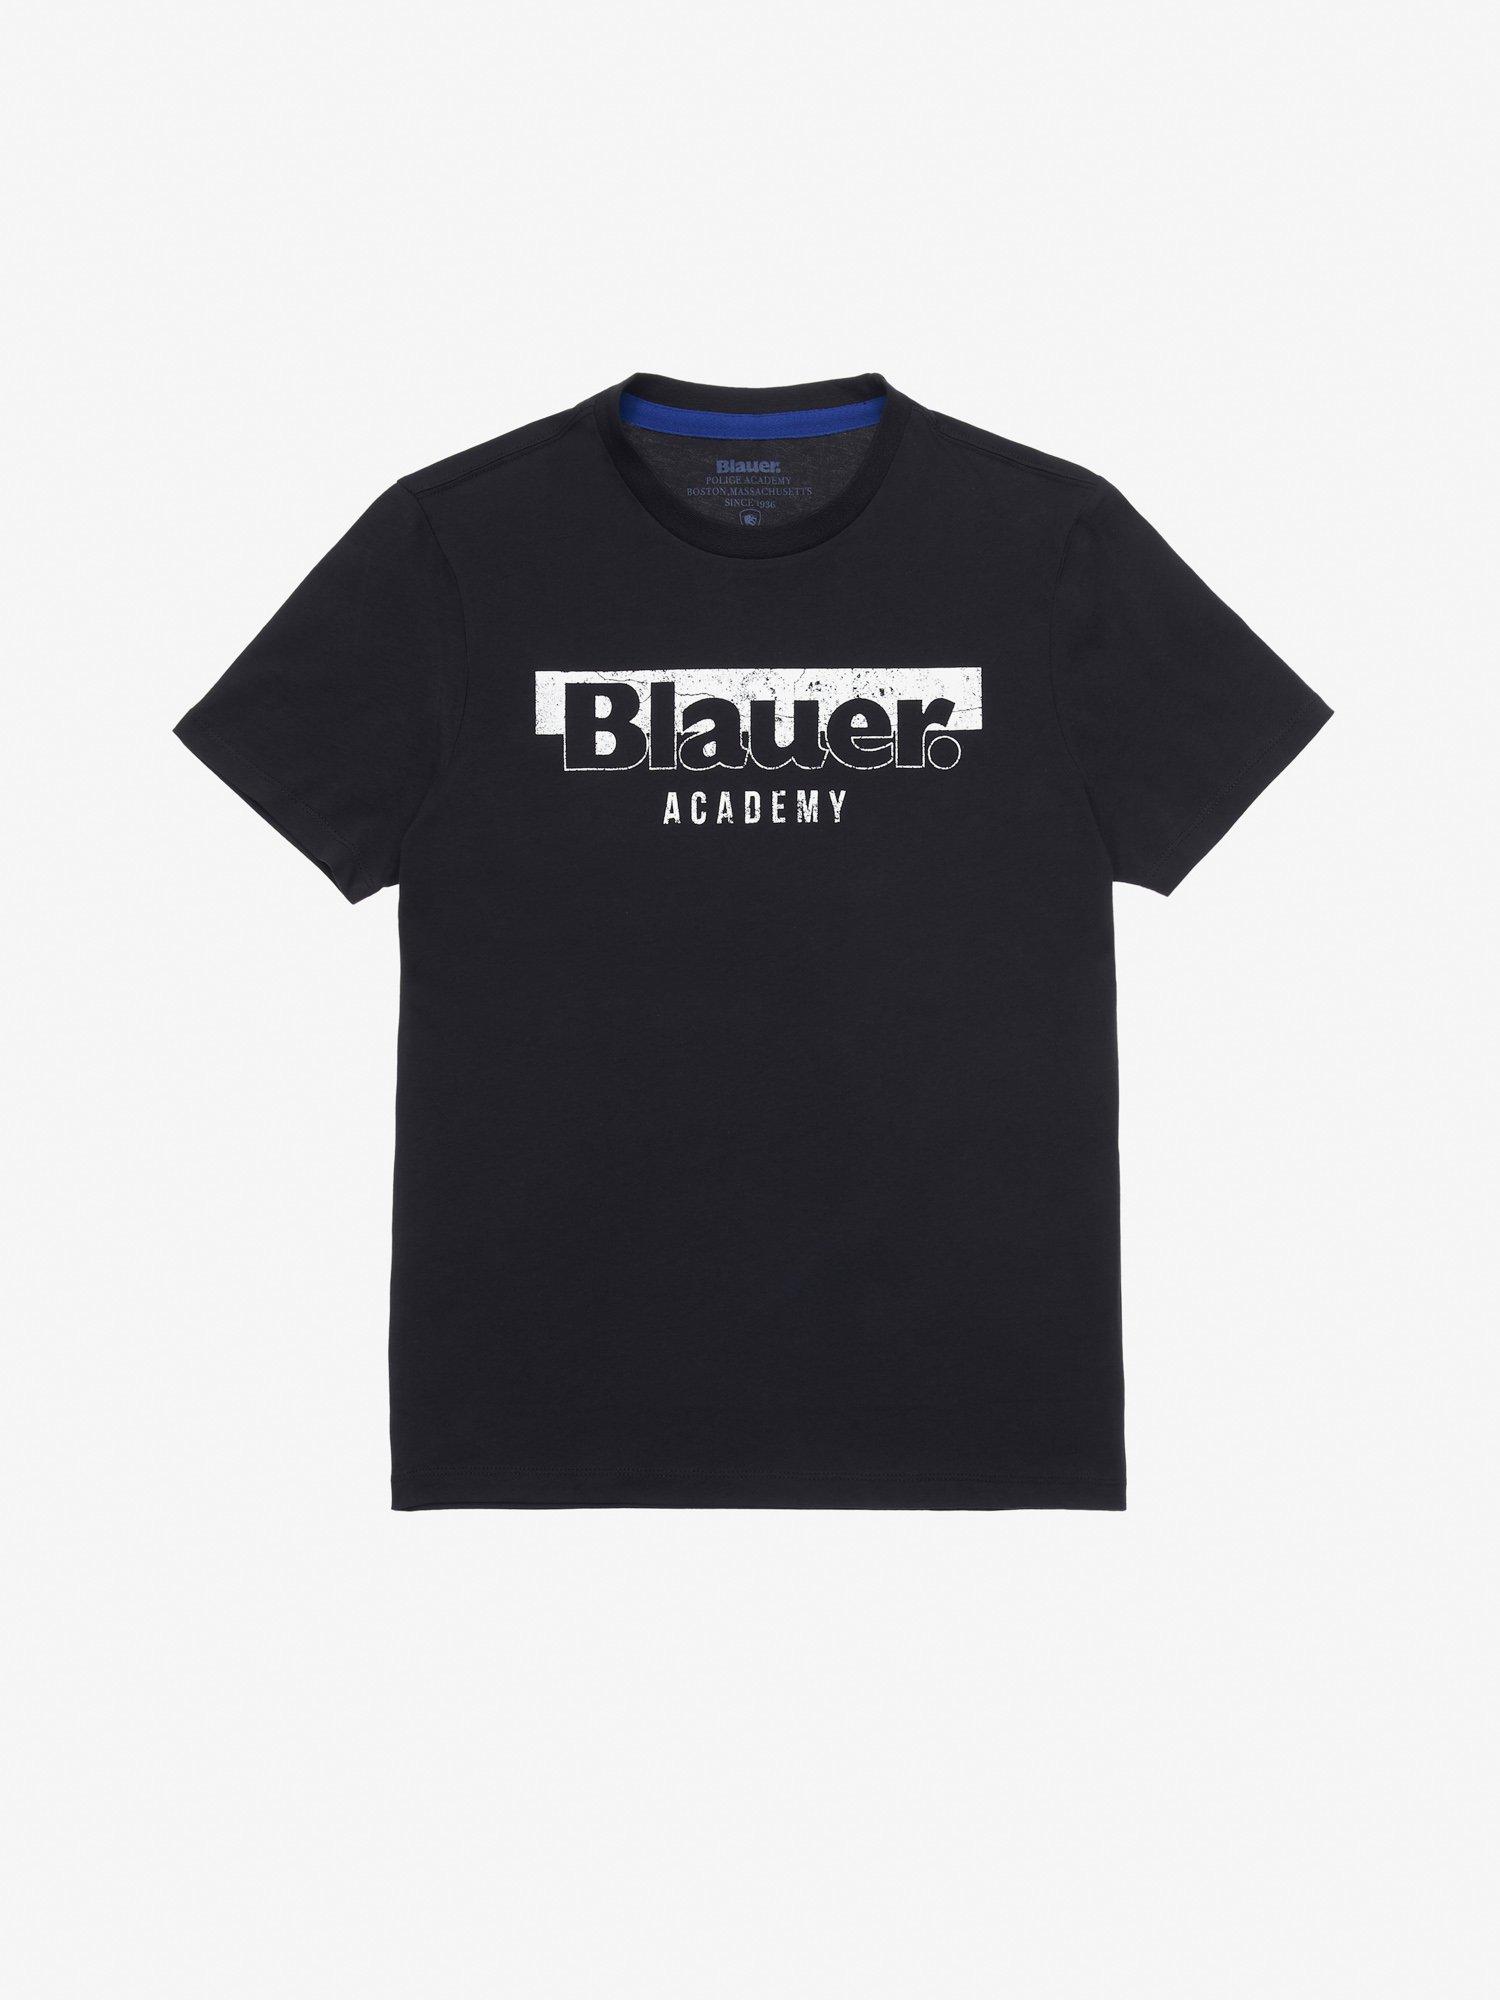 BLAUER ACADEMY T-SHIRT - Blauer